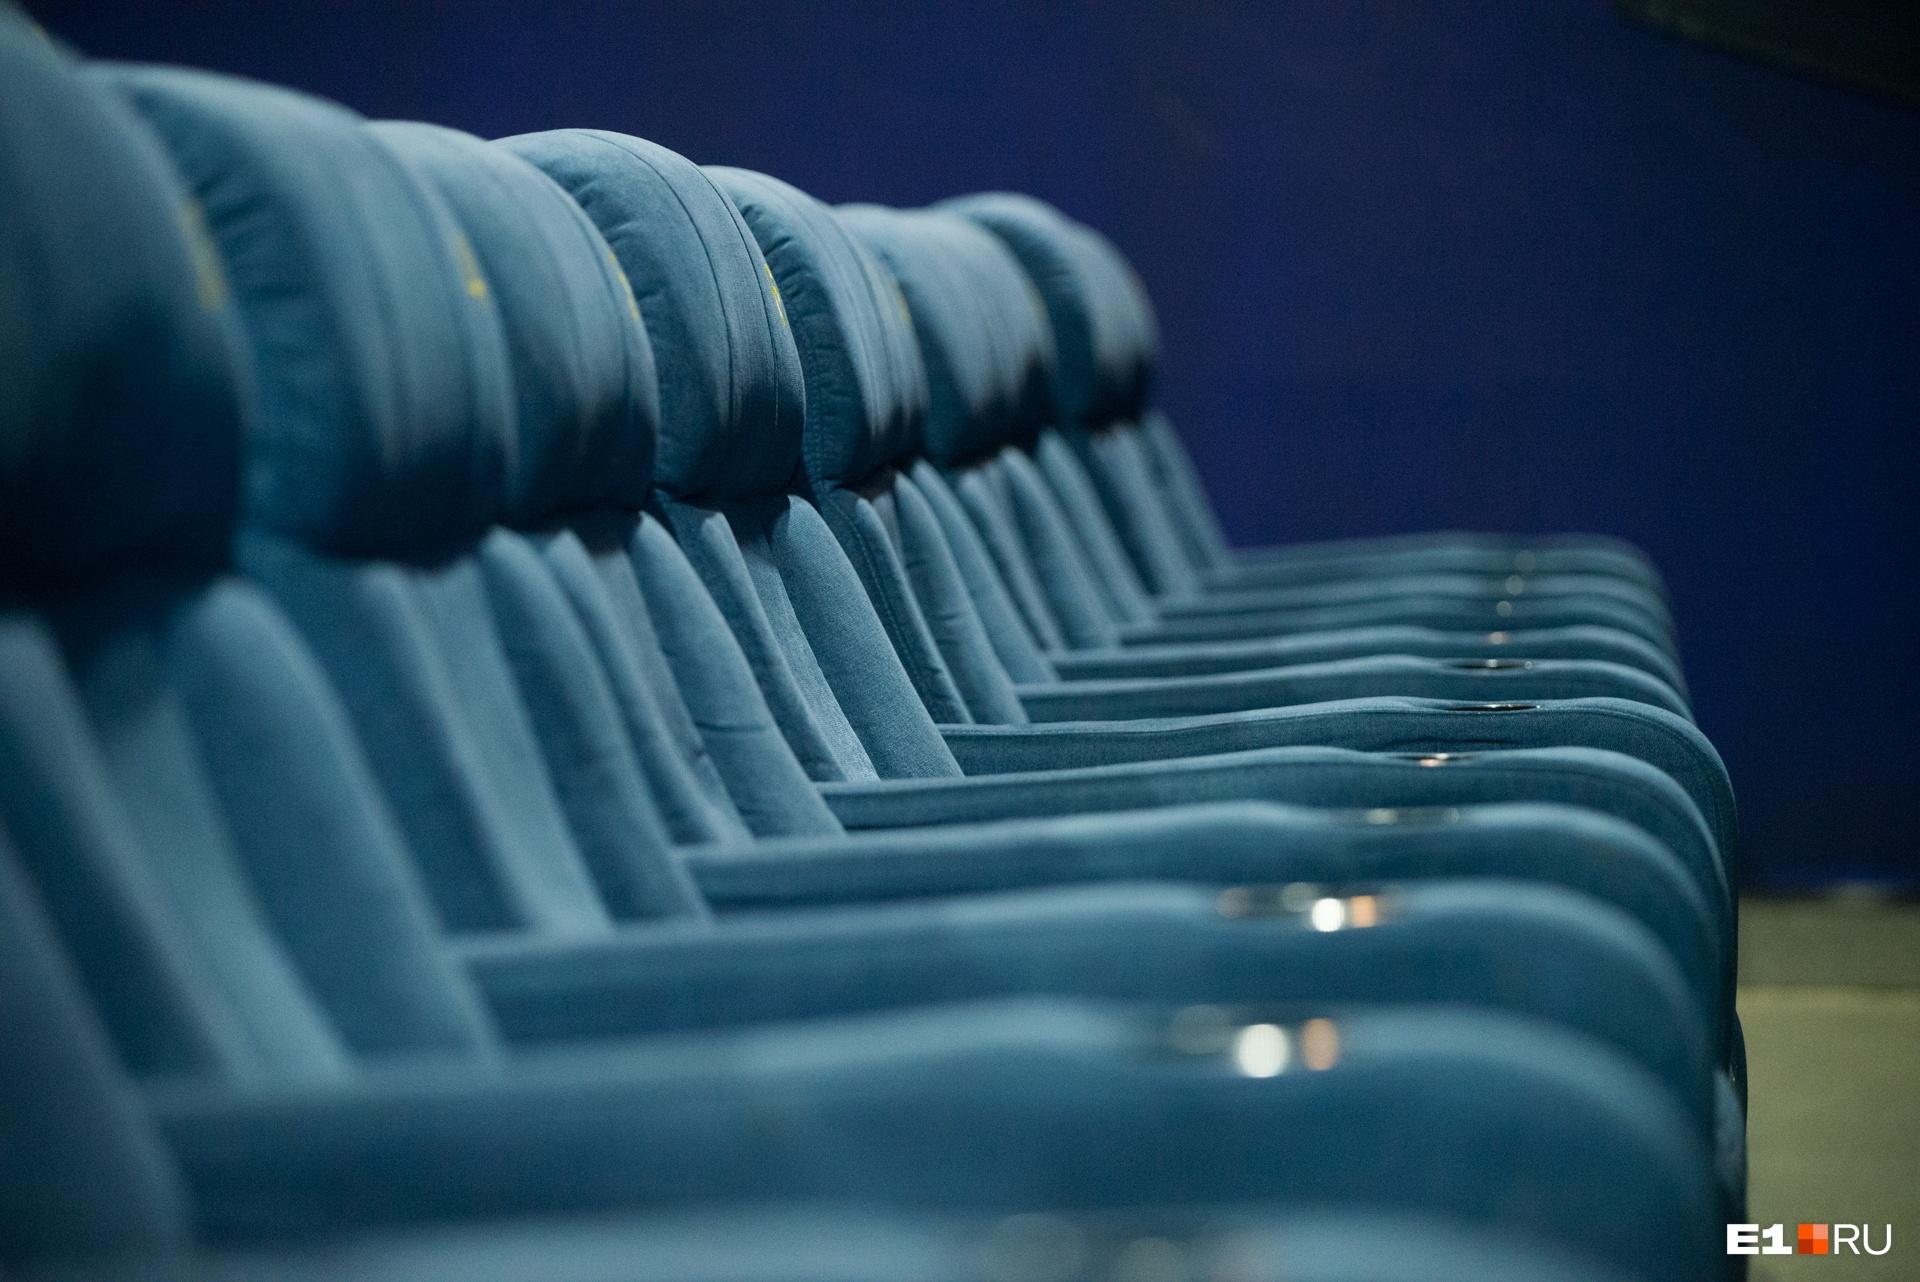 Кинотеатры делают ставку на комфортные кресла